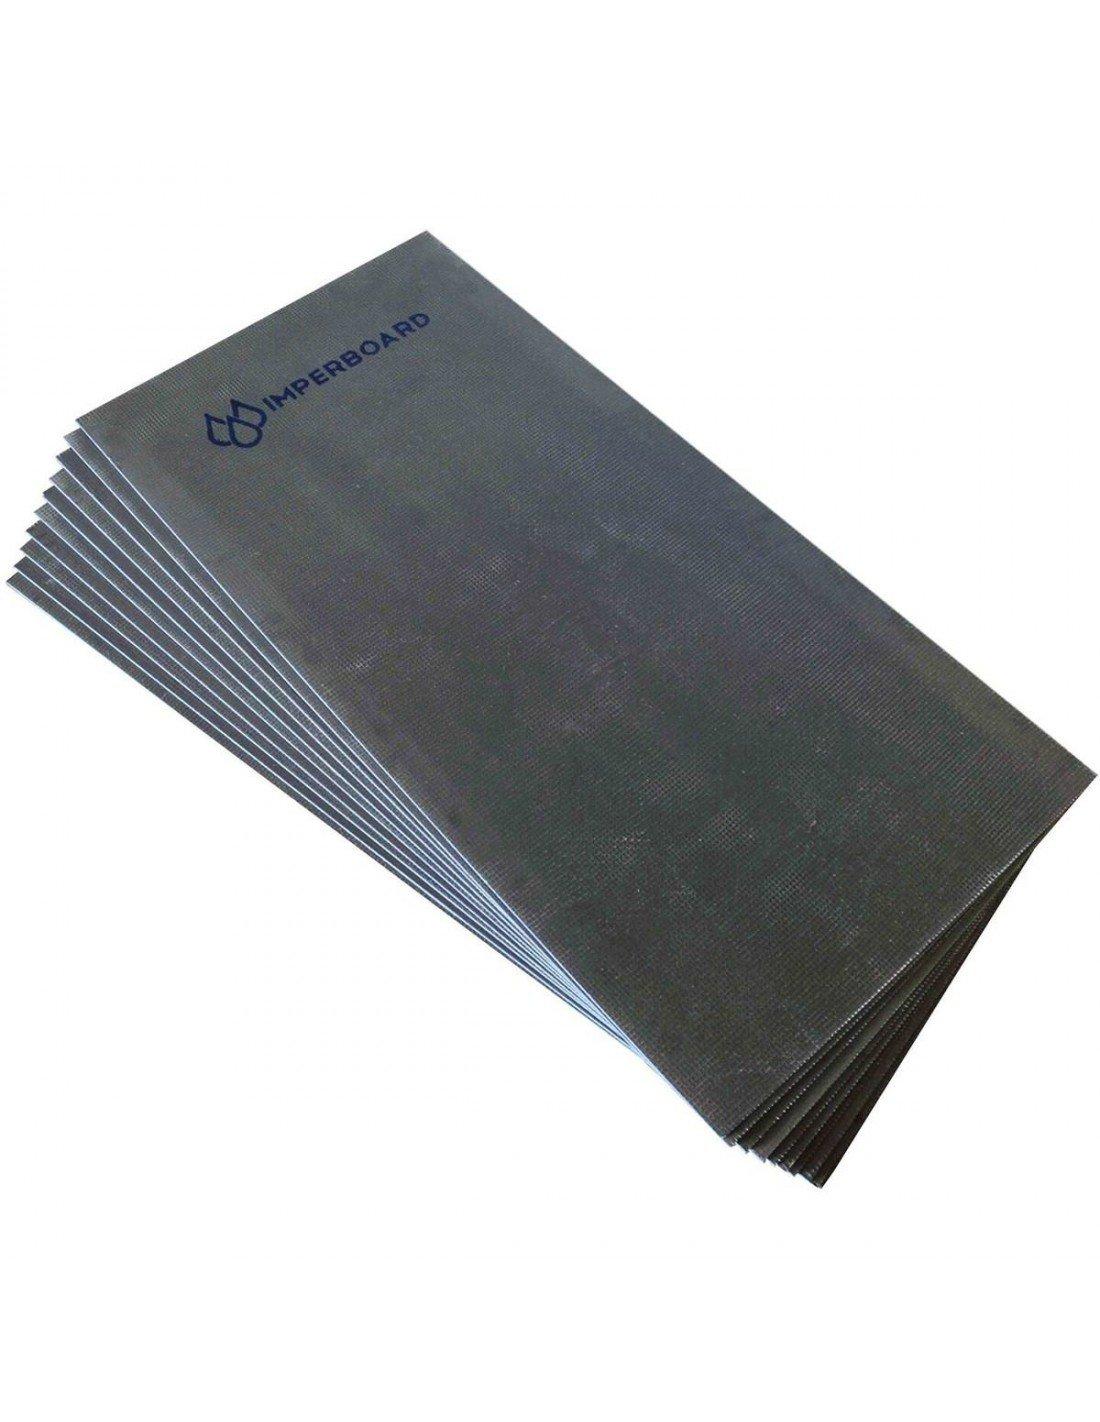 Imperboard Tile Backer Board Wetrooms Design